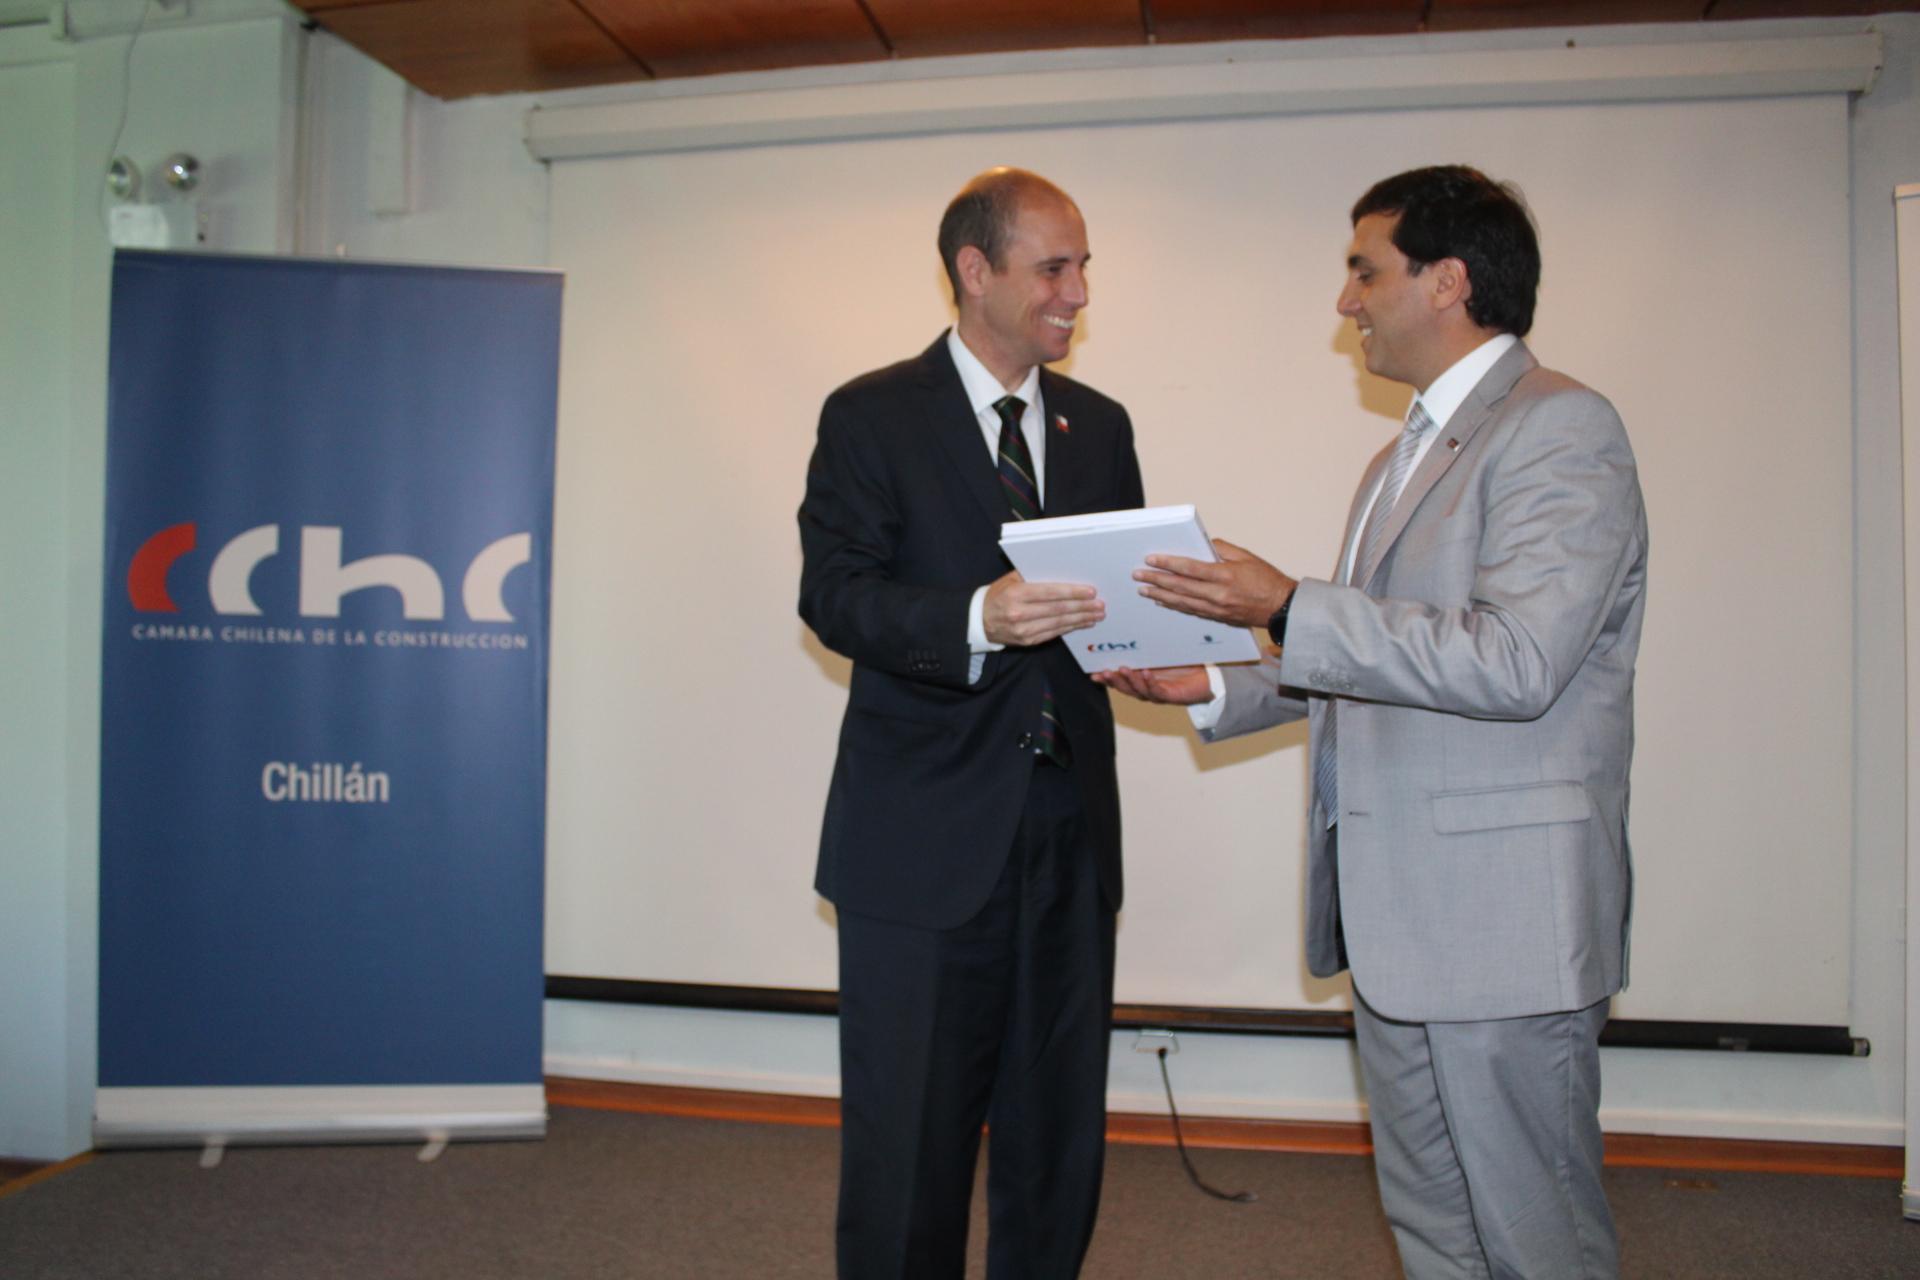 CChC Chillán entregó a Intendente de Ñuble Estudio Urbano para localización de Barrio Cívico noticias